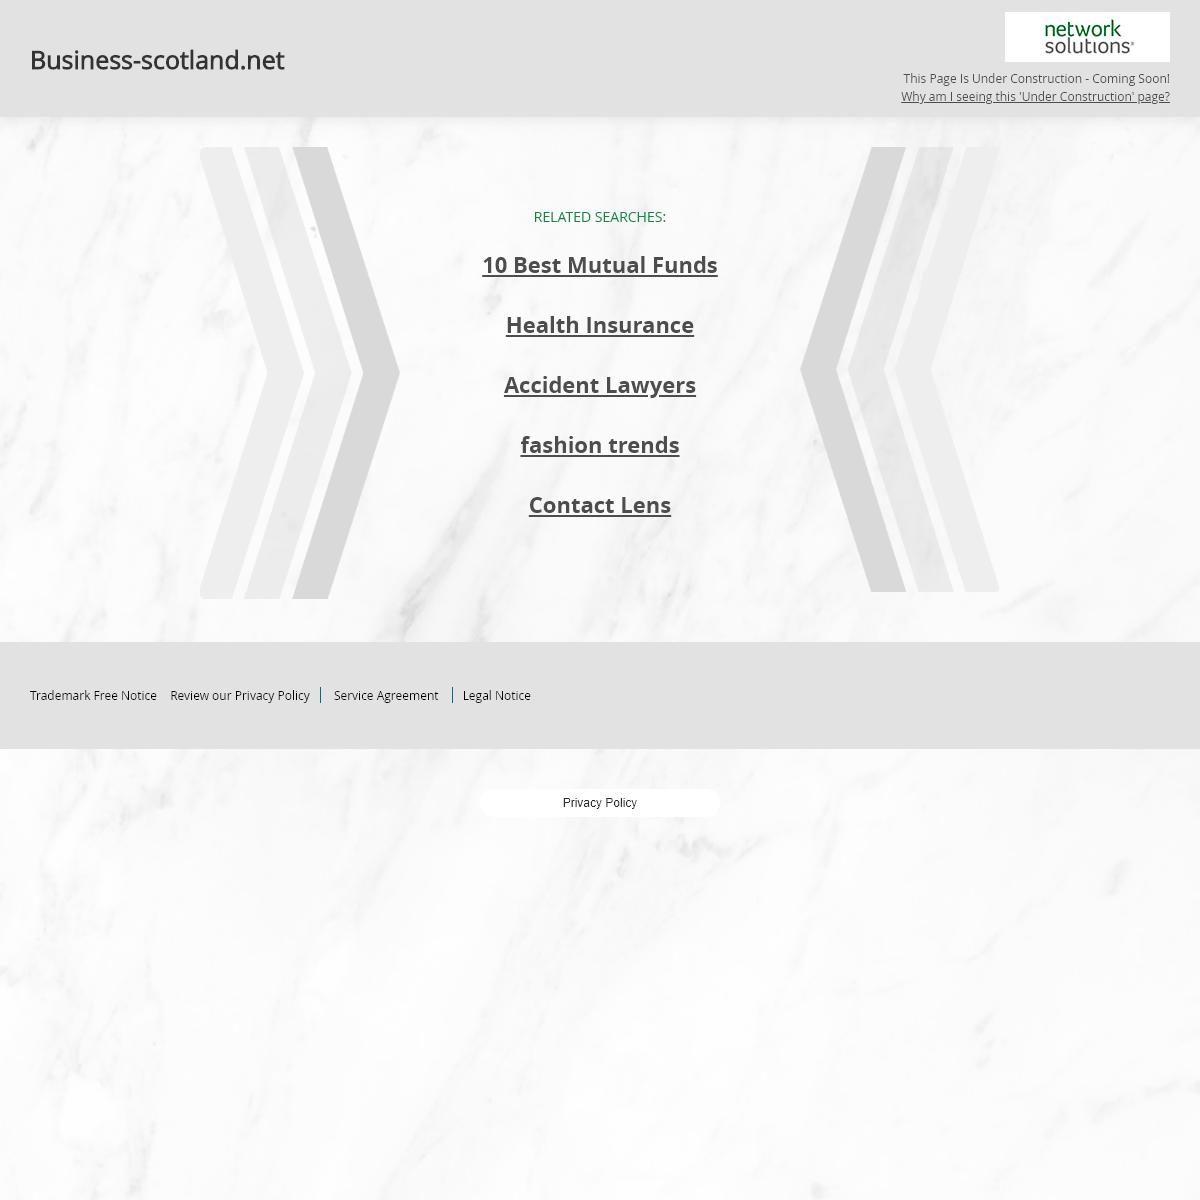 Business-scotland.net